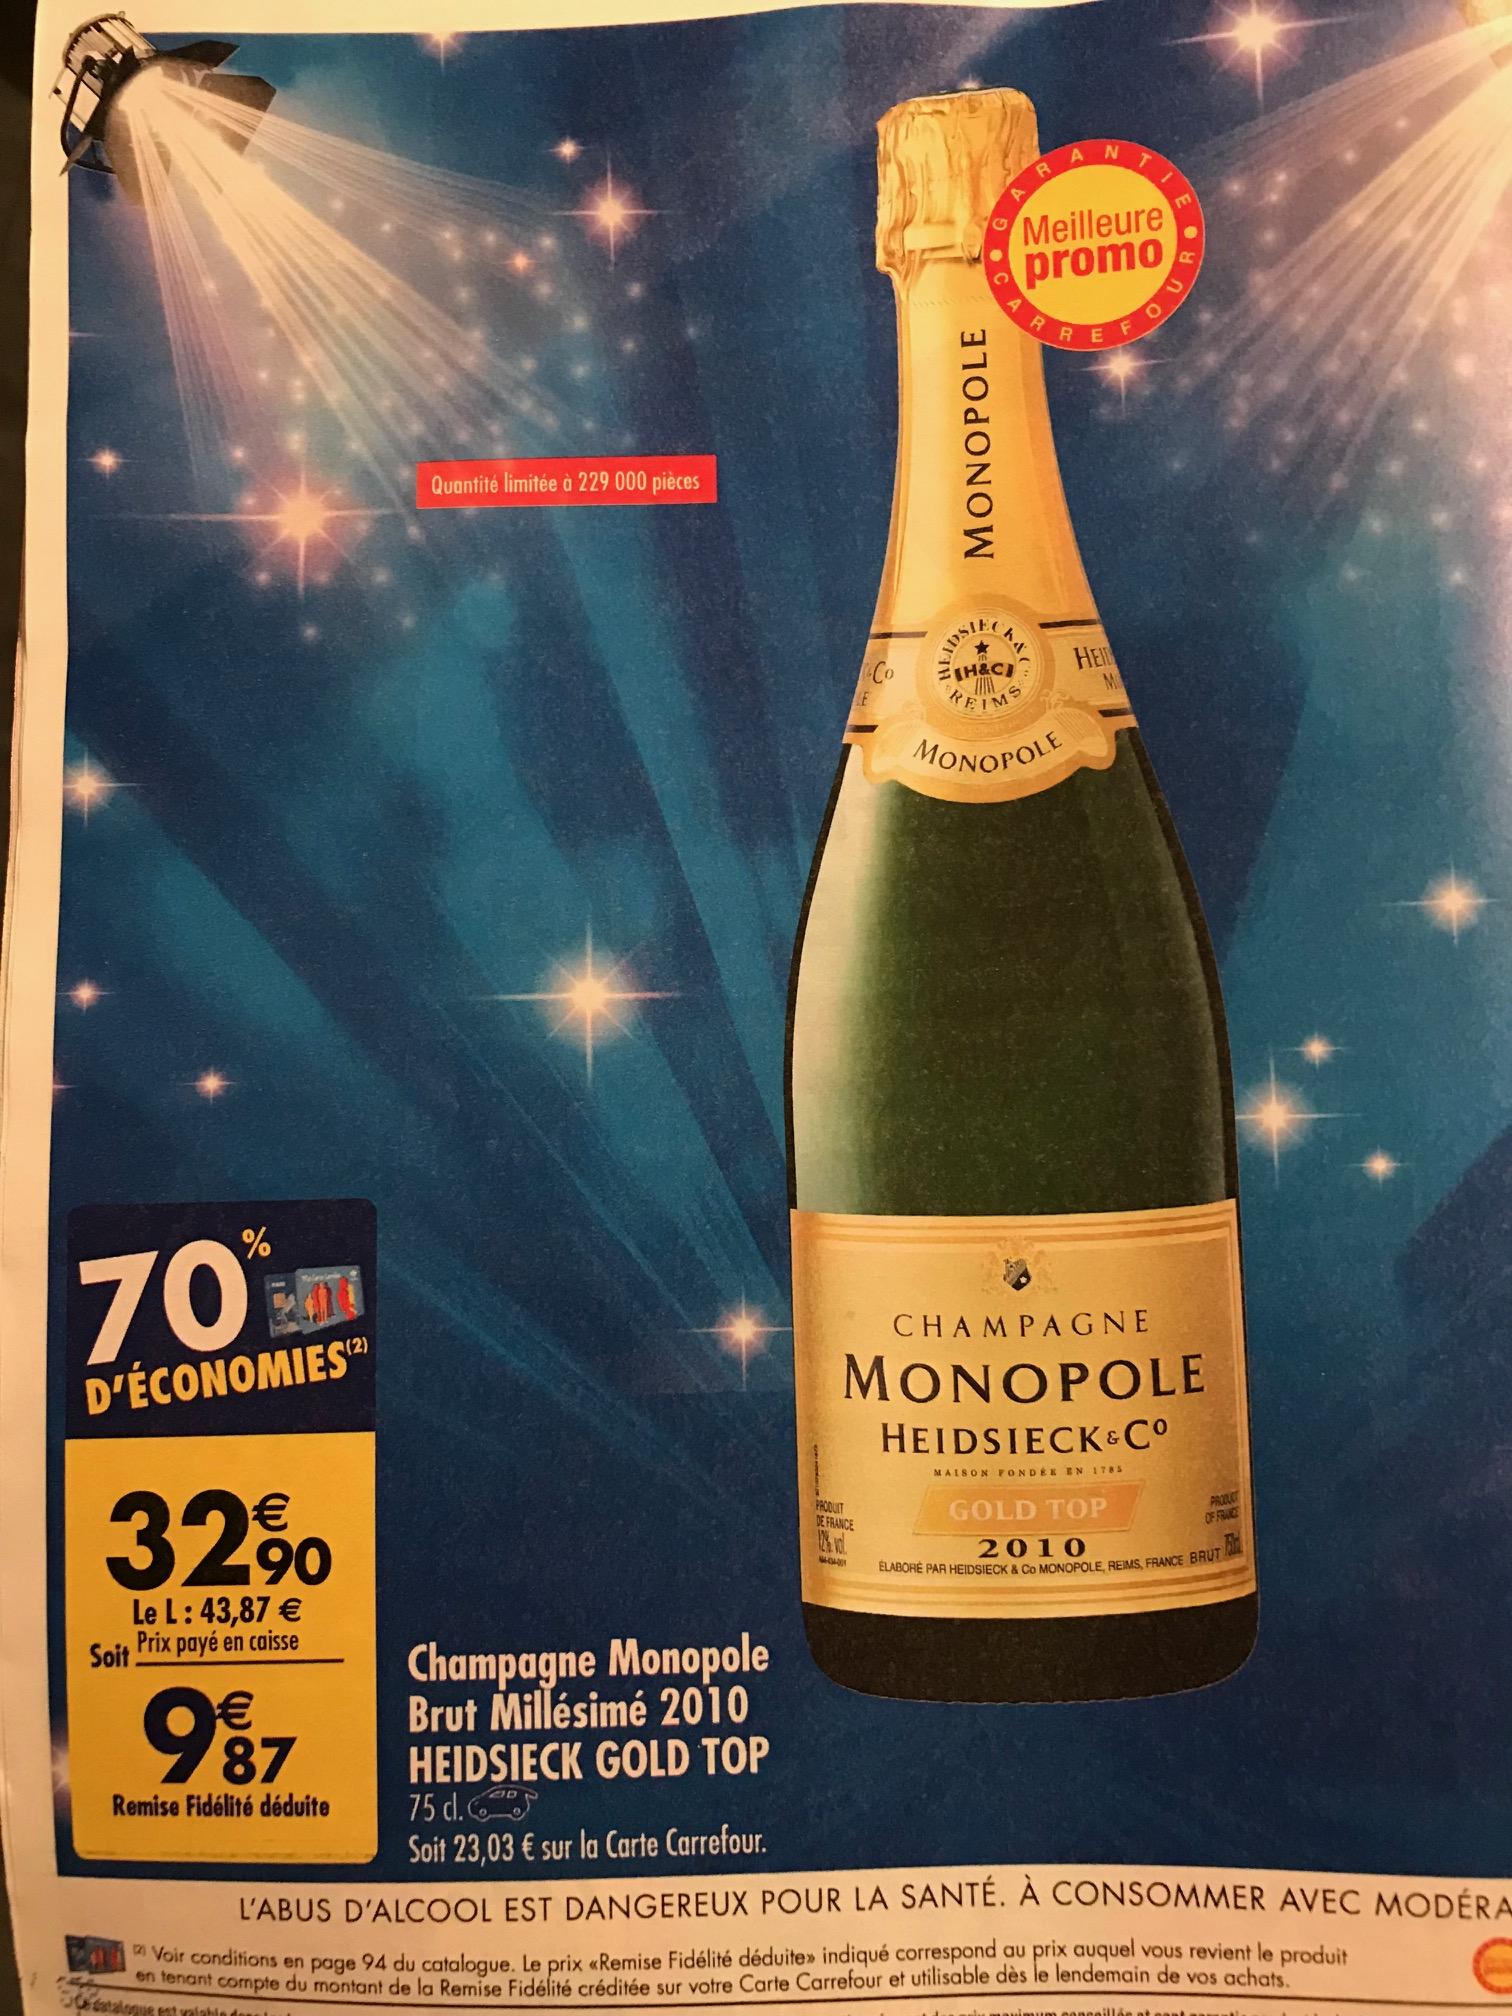 Bouteille de Champagne Monopole Heidsieck Cuvée Gold Top - Millésimé 2010 (via 23.03€ sur la carte de fidélité)